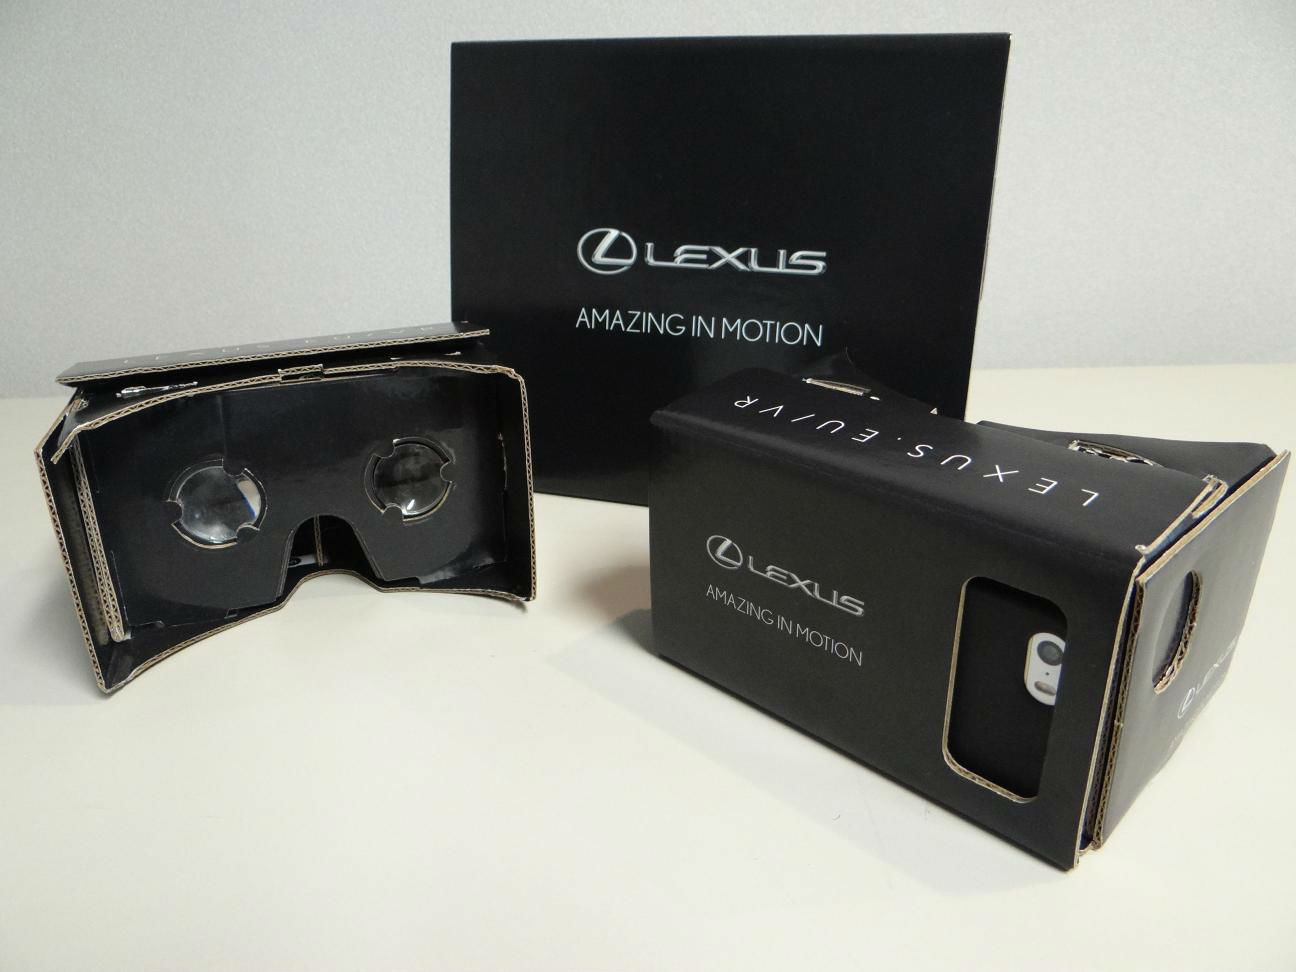 Lexus realidad virtual 2